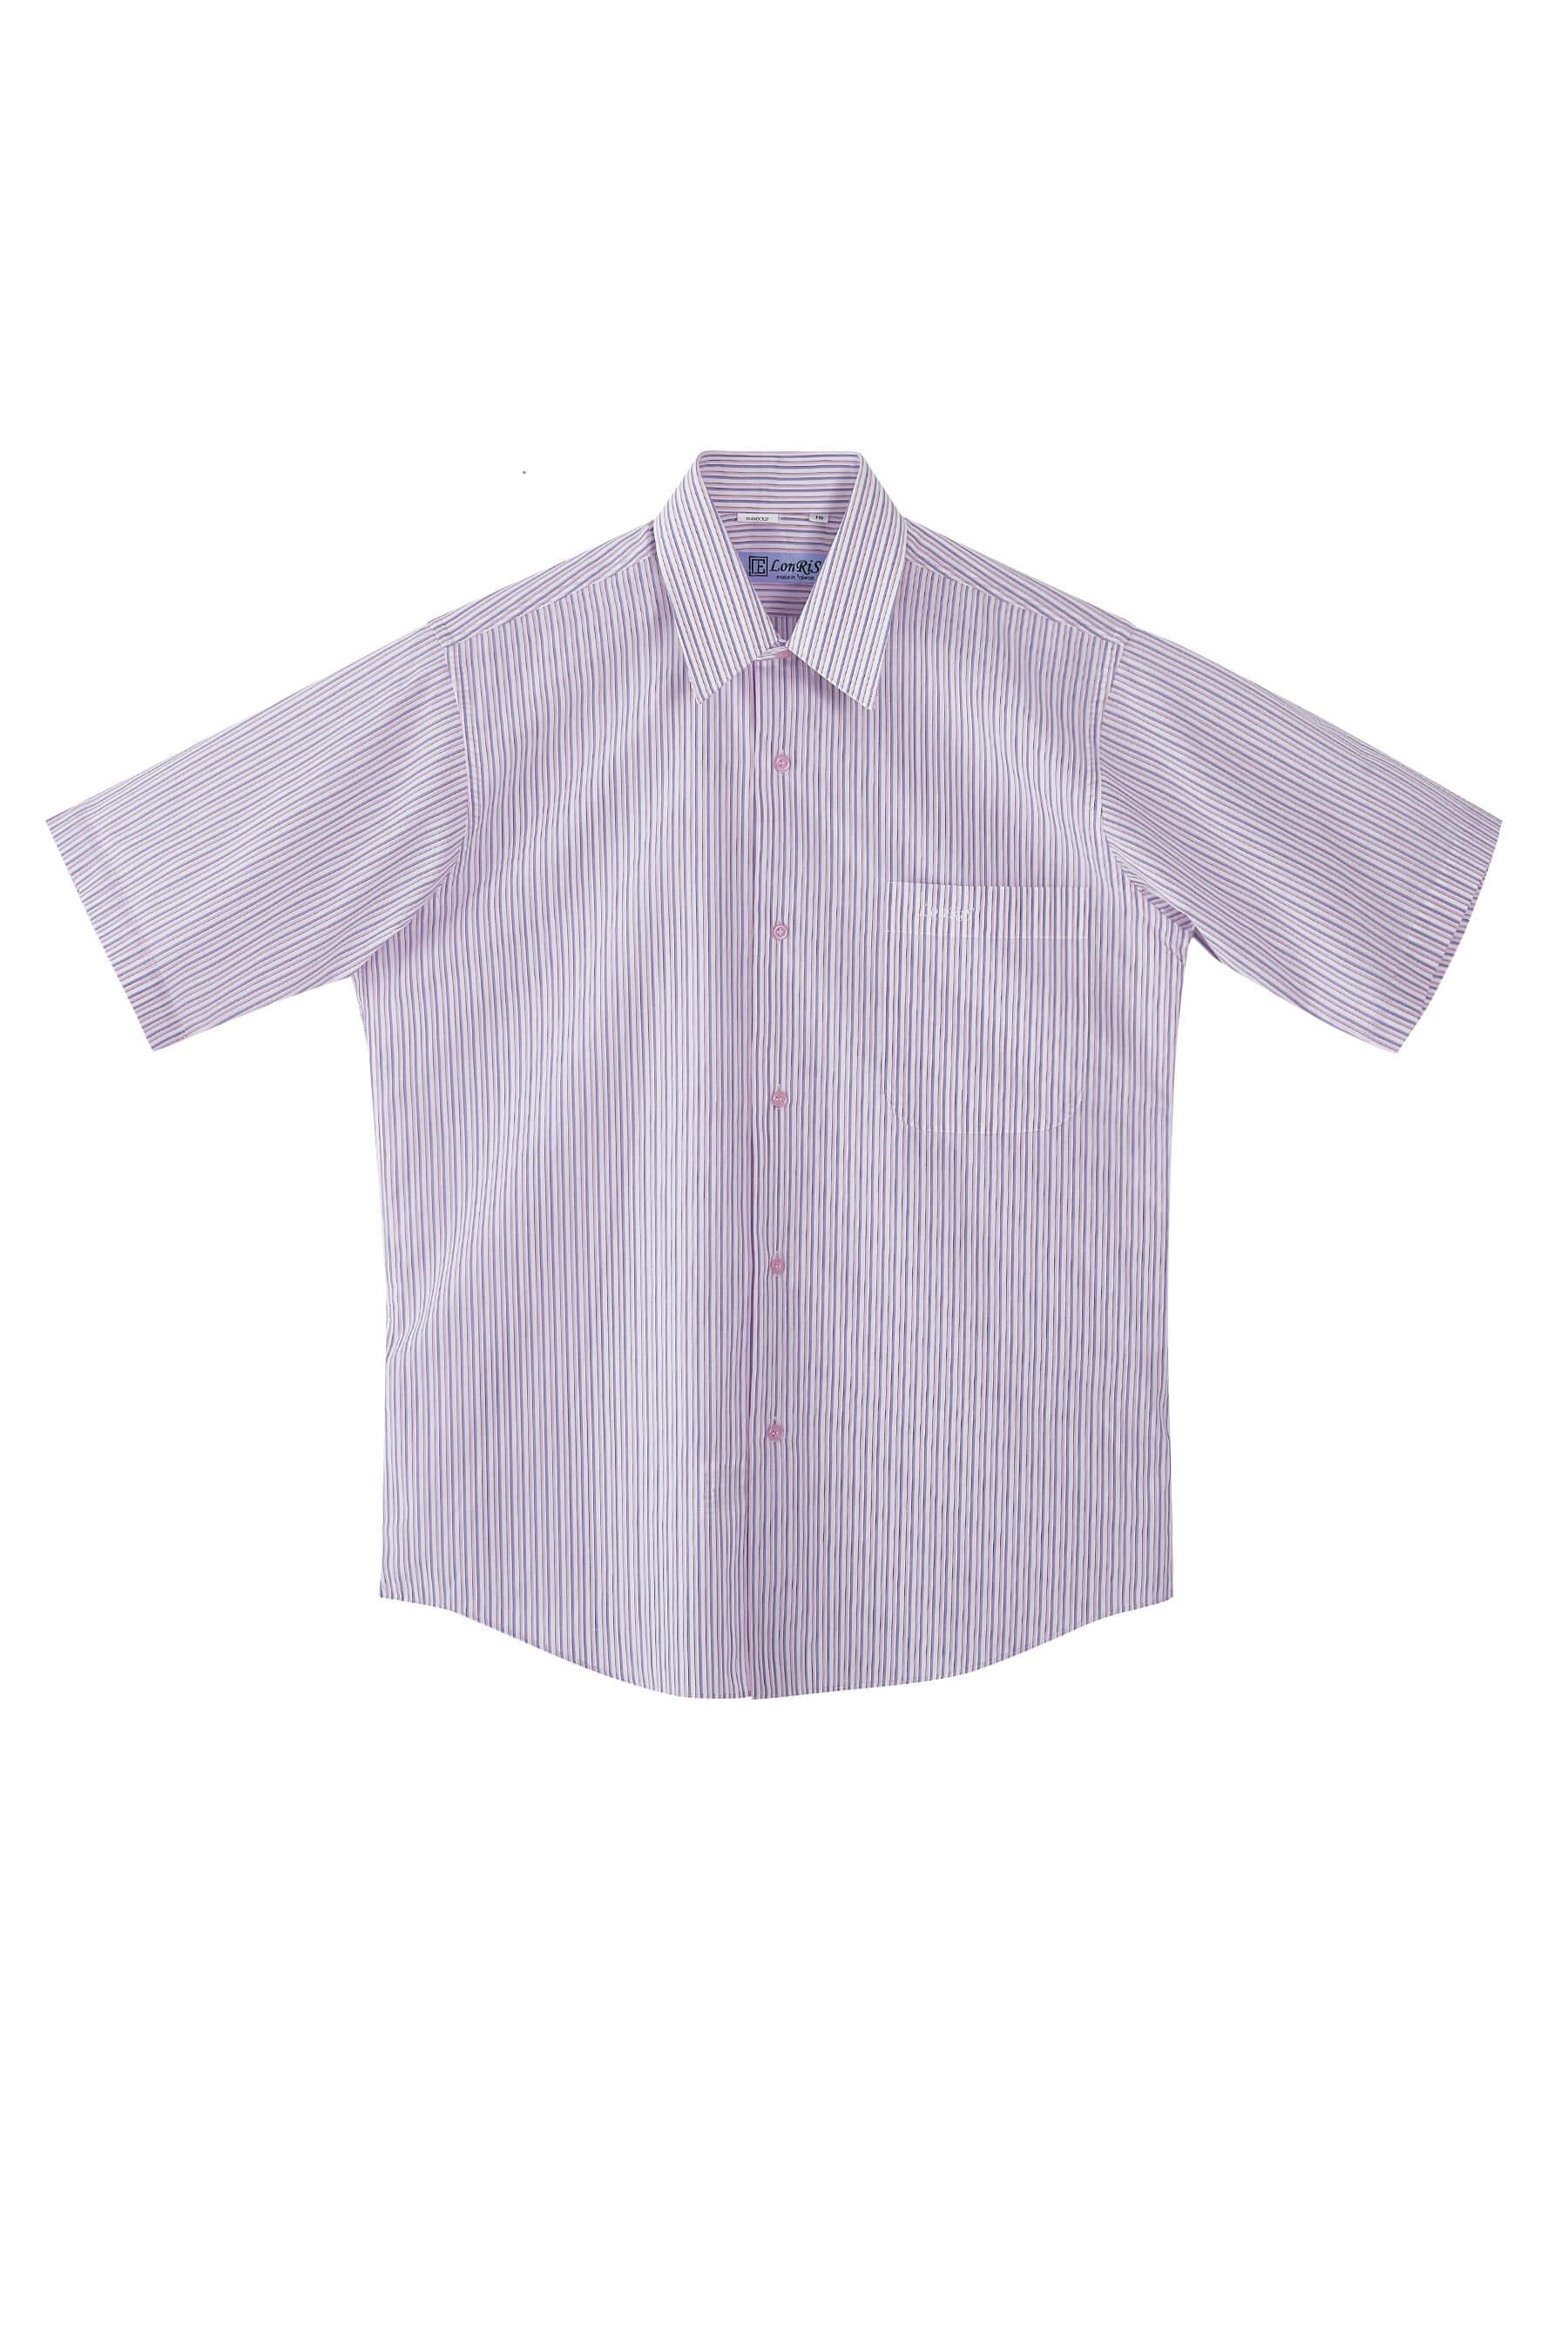 粉紫條紋棉質短袖襯衫/舒適透氣